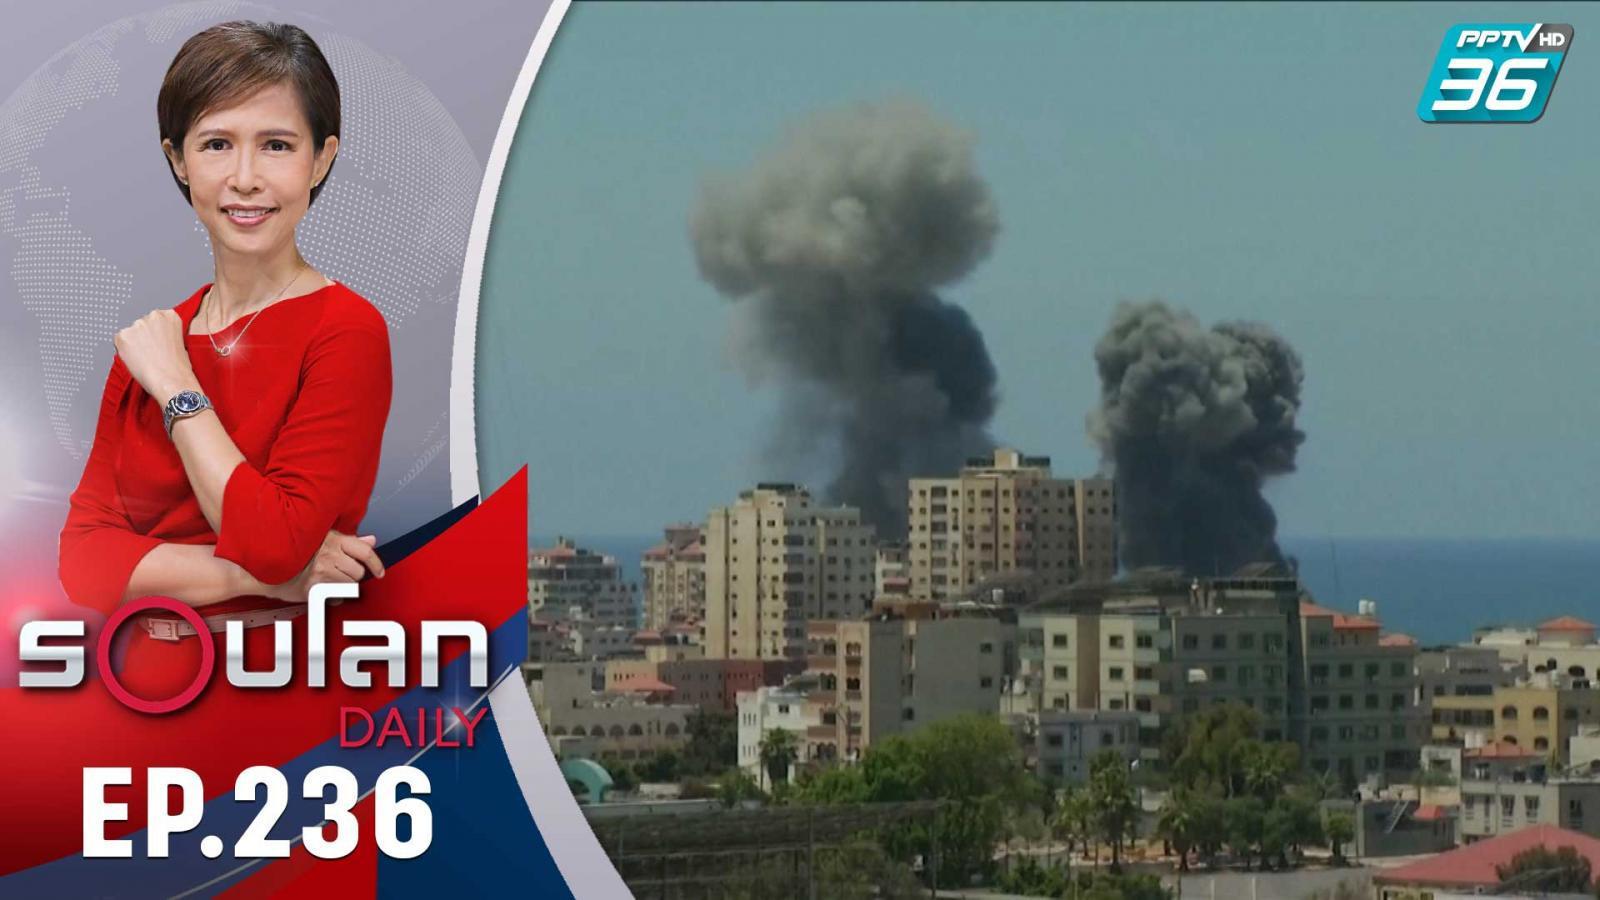 อิสราเอล-ปาเลสไตน์ ยิงจรวดถล่มต่อเนื่องและเกิดจลาจลในหลายเมือง | 14 พ.ค. 64 | รอบโลก DAILY